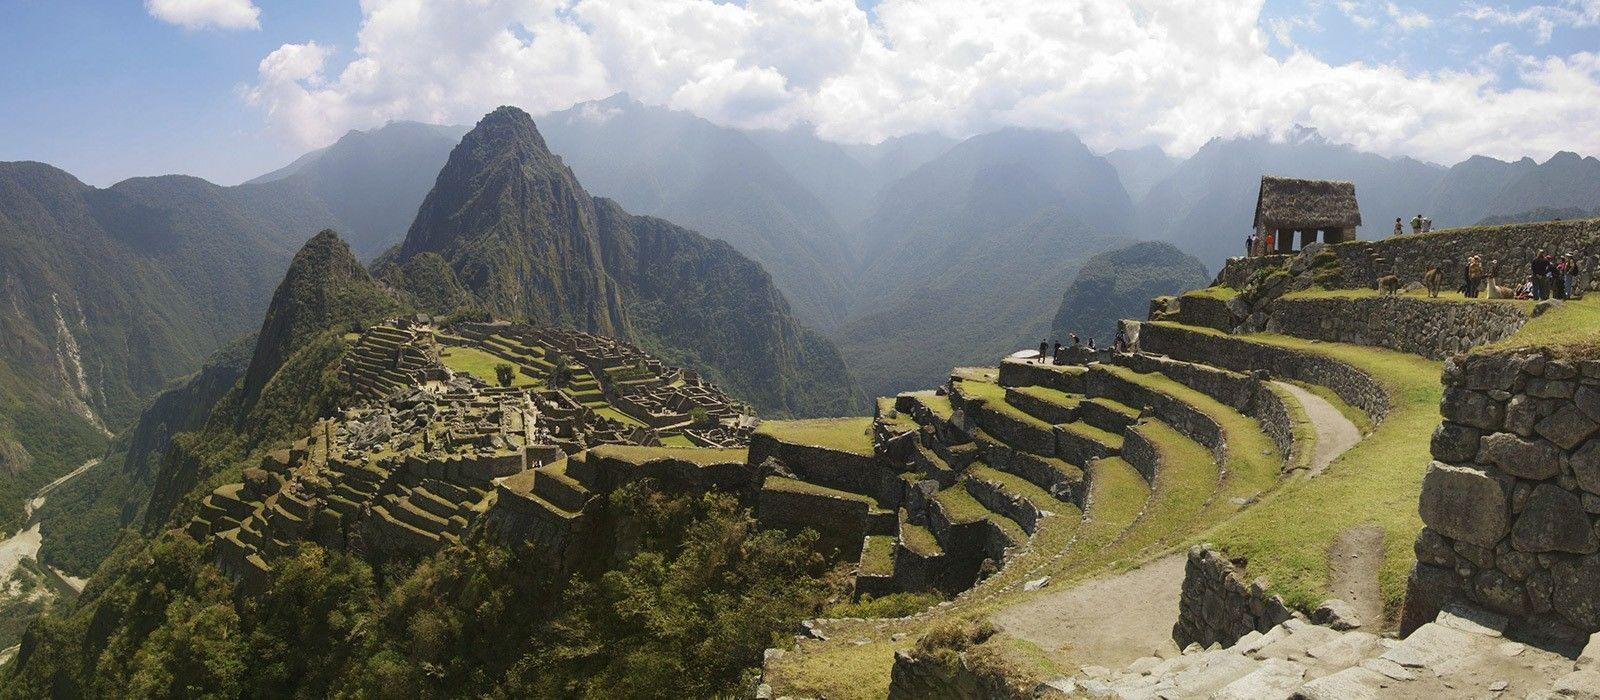 Peru & Galapagos Reise – Natur & Geschichte entdecken Urlaub 2